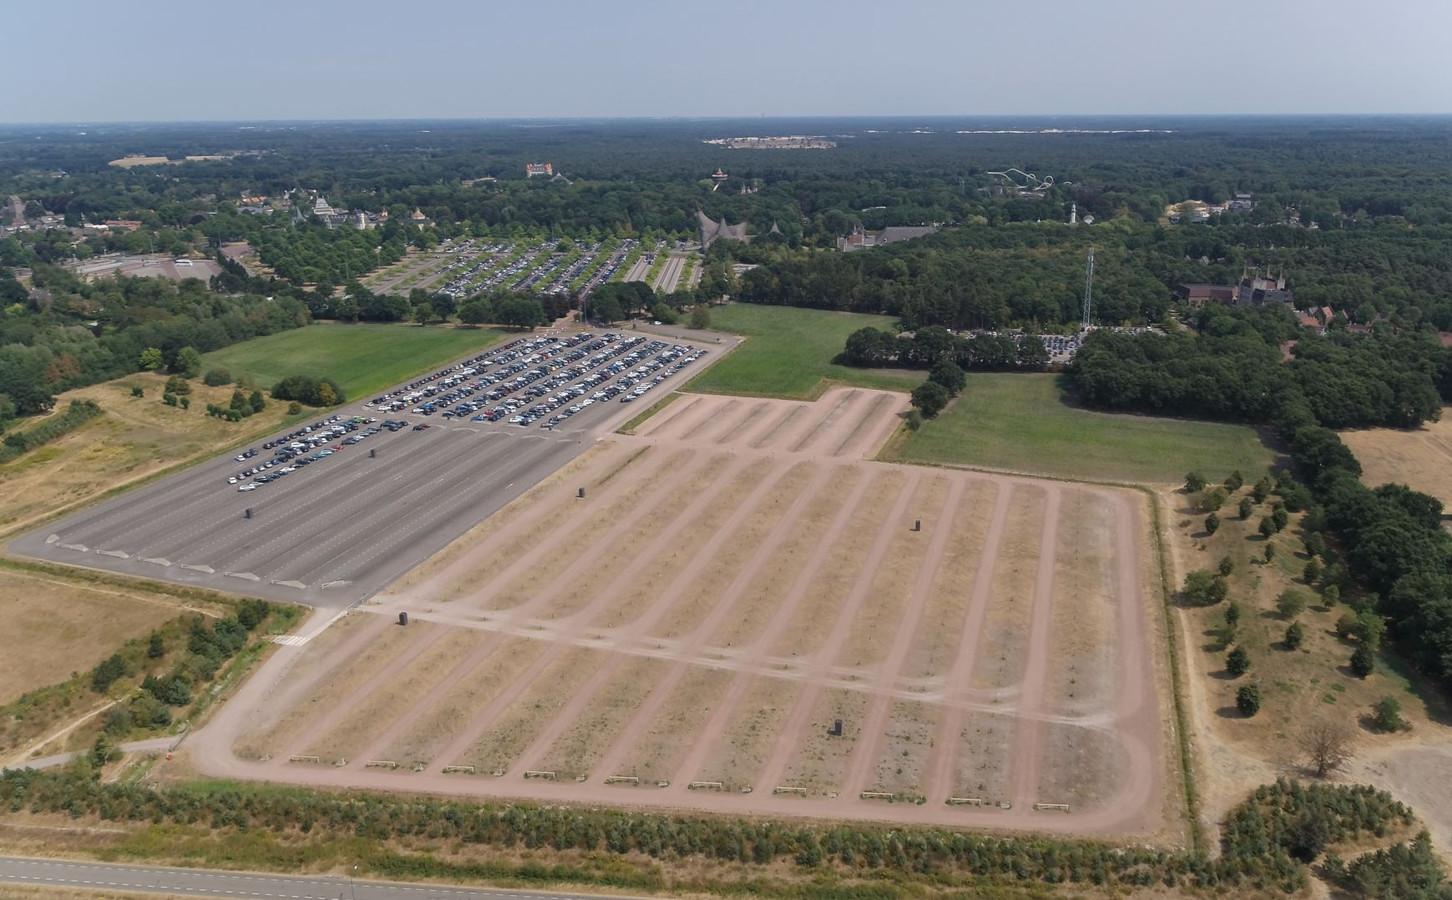 Luchtfoto van de parkeerterreinen ten westen van het attractiepark. Onder nog net te zien de Dodenauweg.